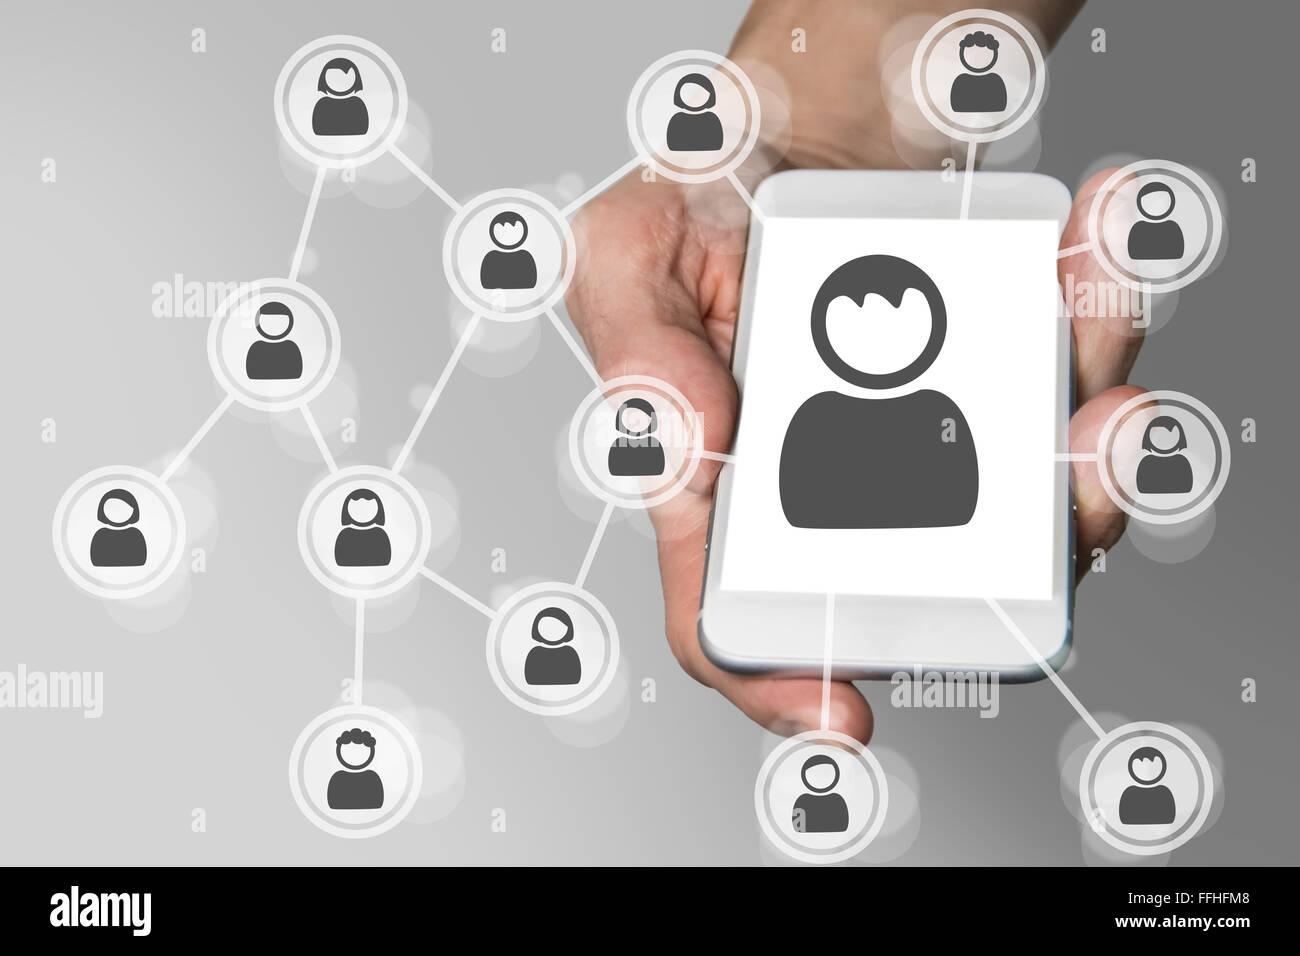 Réseau social sur appareil mobile smartphone comme concept Photo Stock